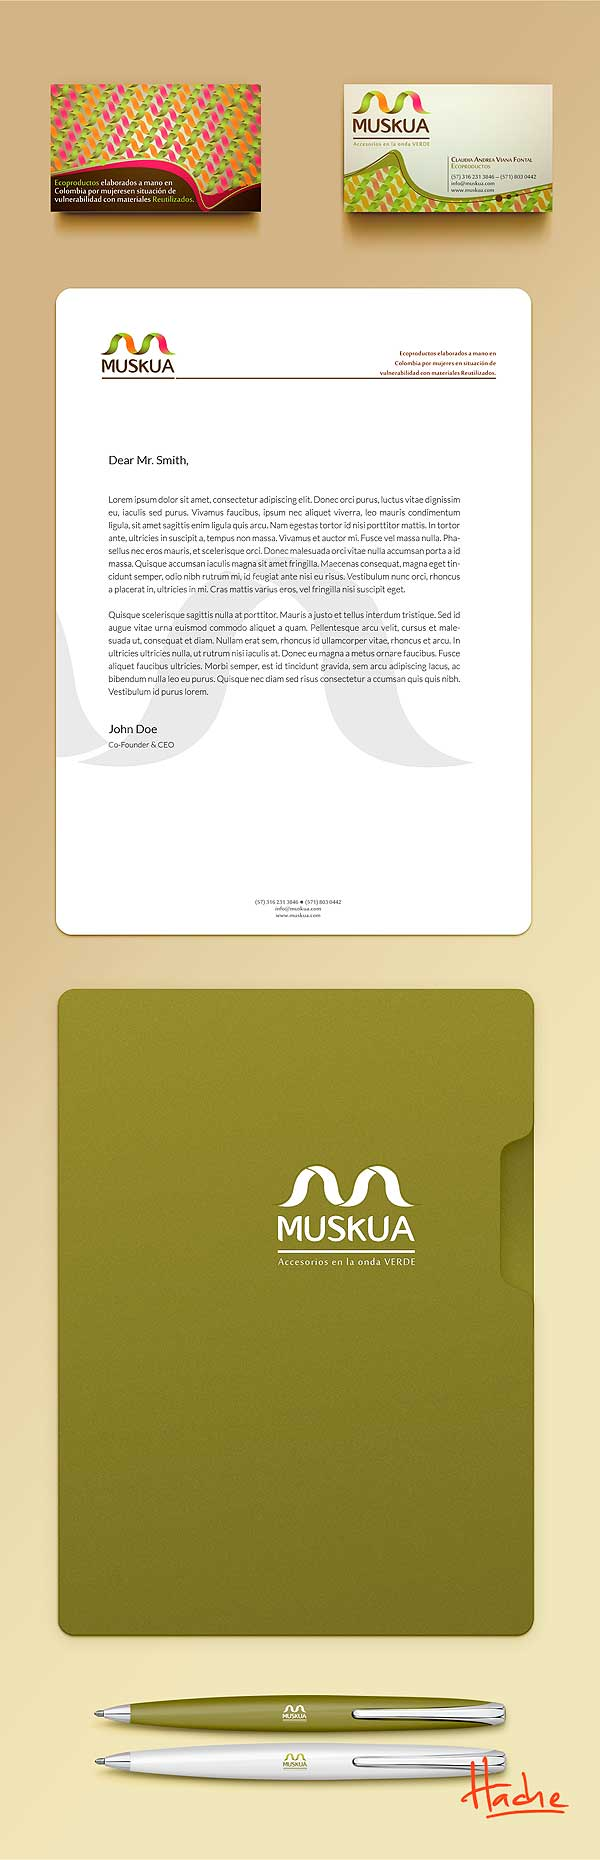 Imagen corporativa. Muskua accesorios por Hache Holguín